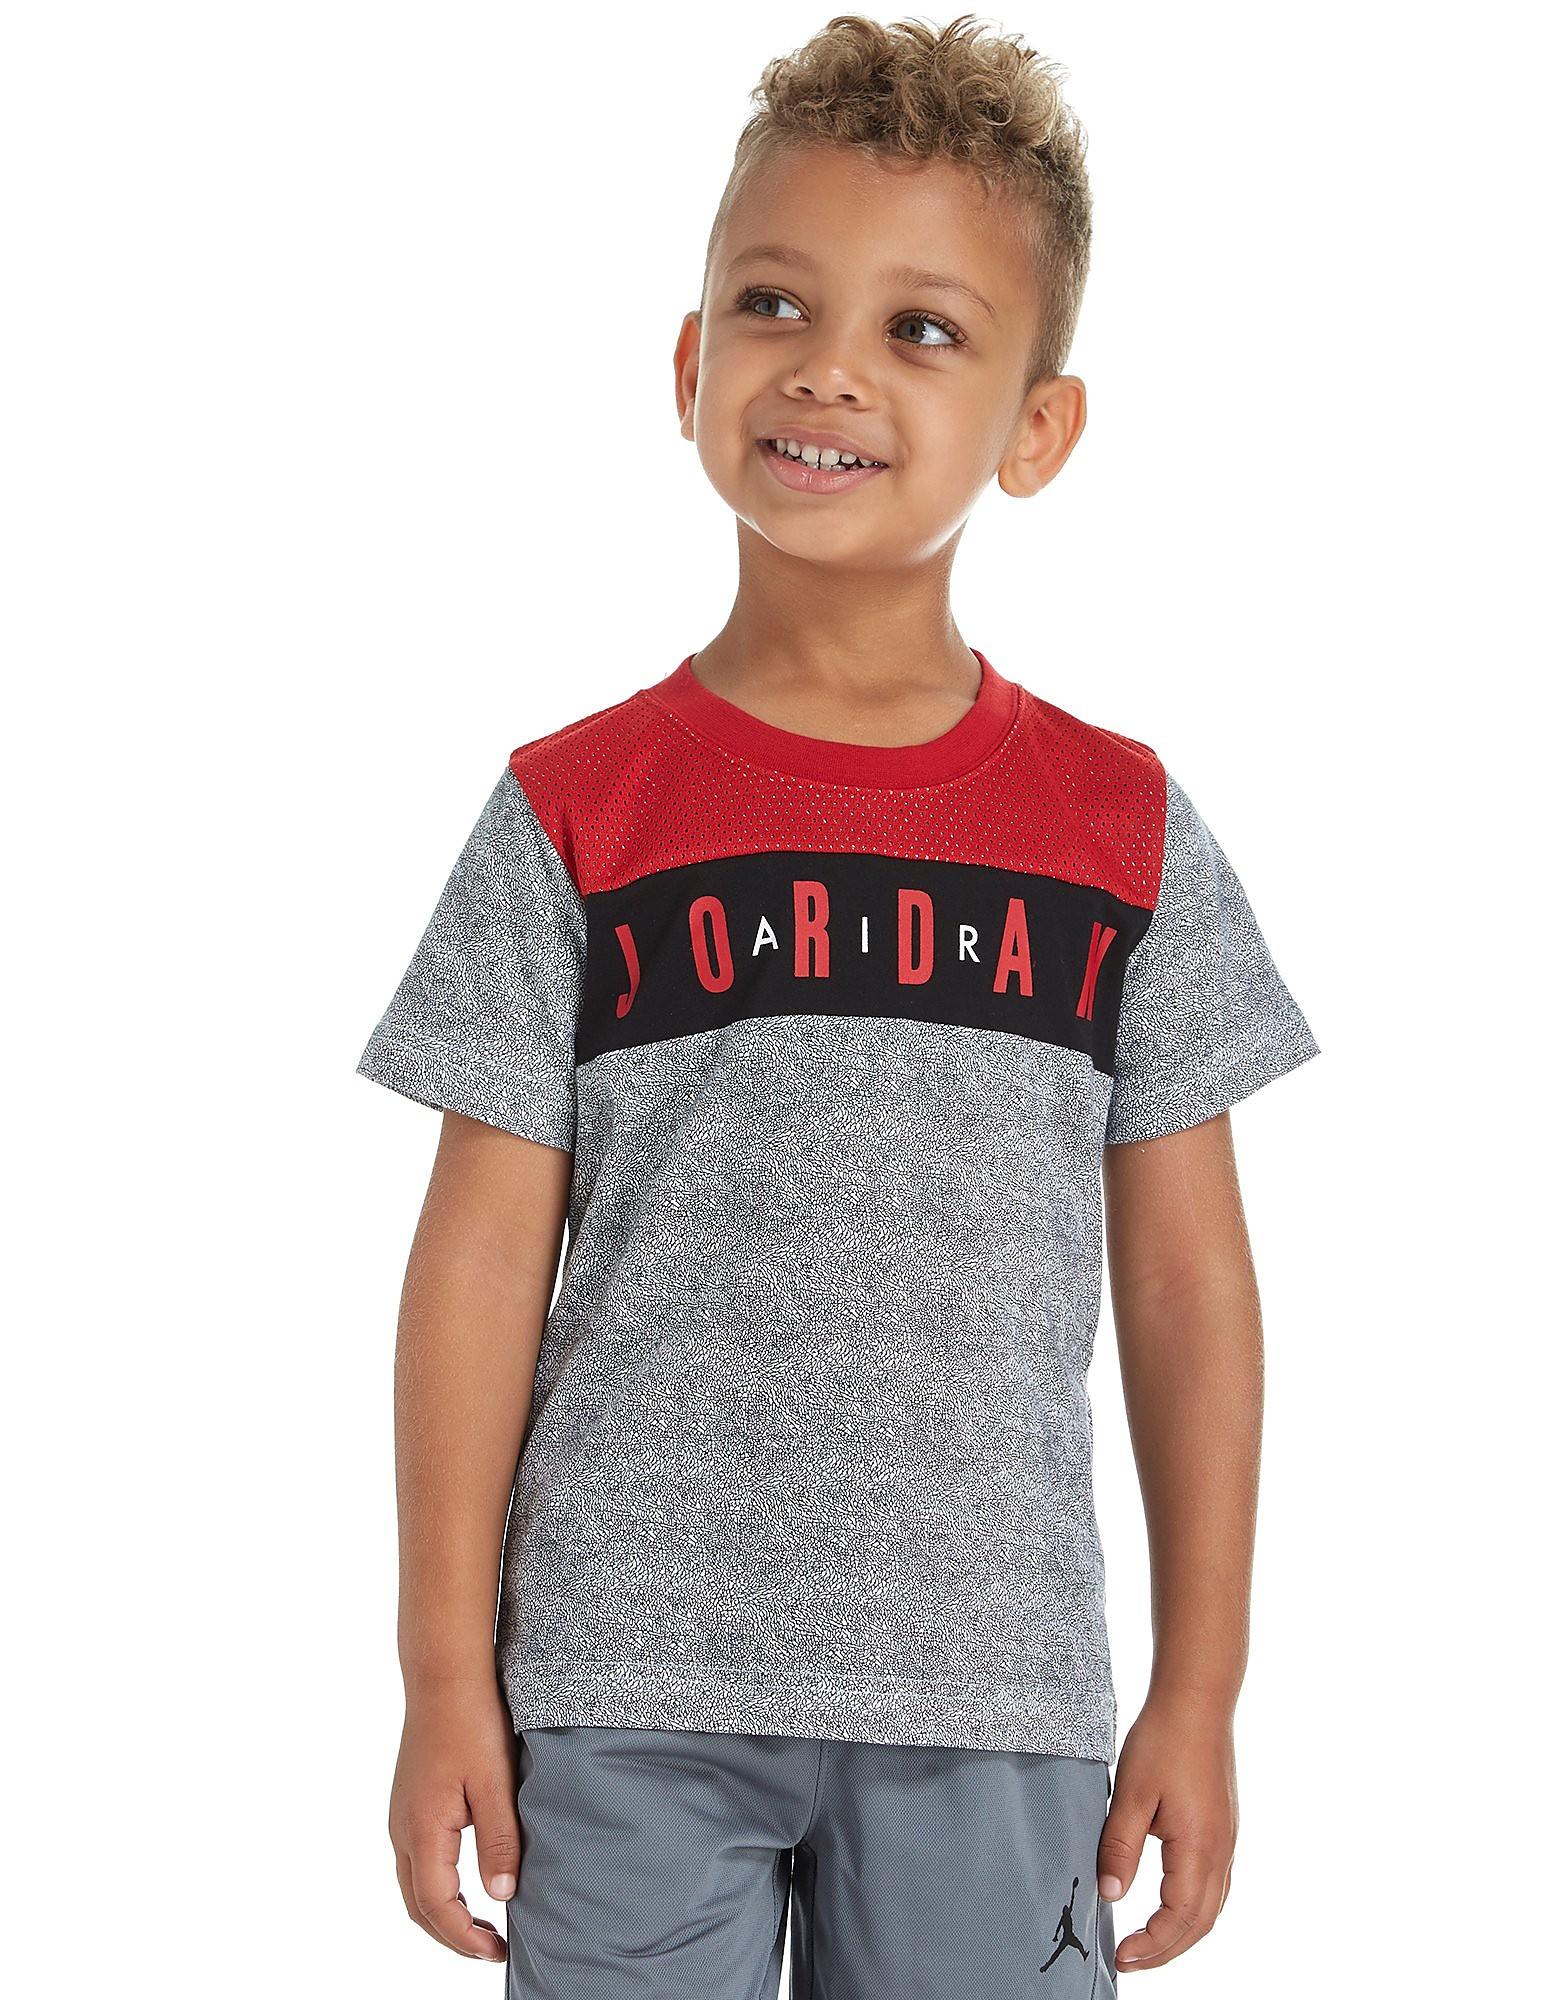 Jordan Mikro Ele Druck T-Shirt Kinder